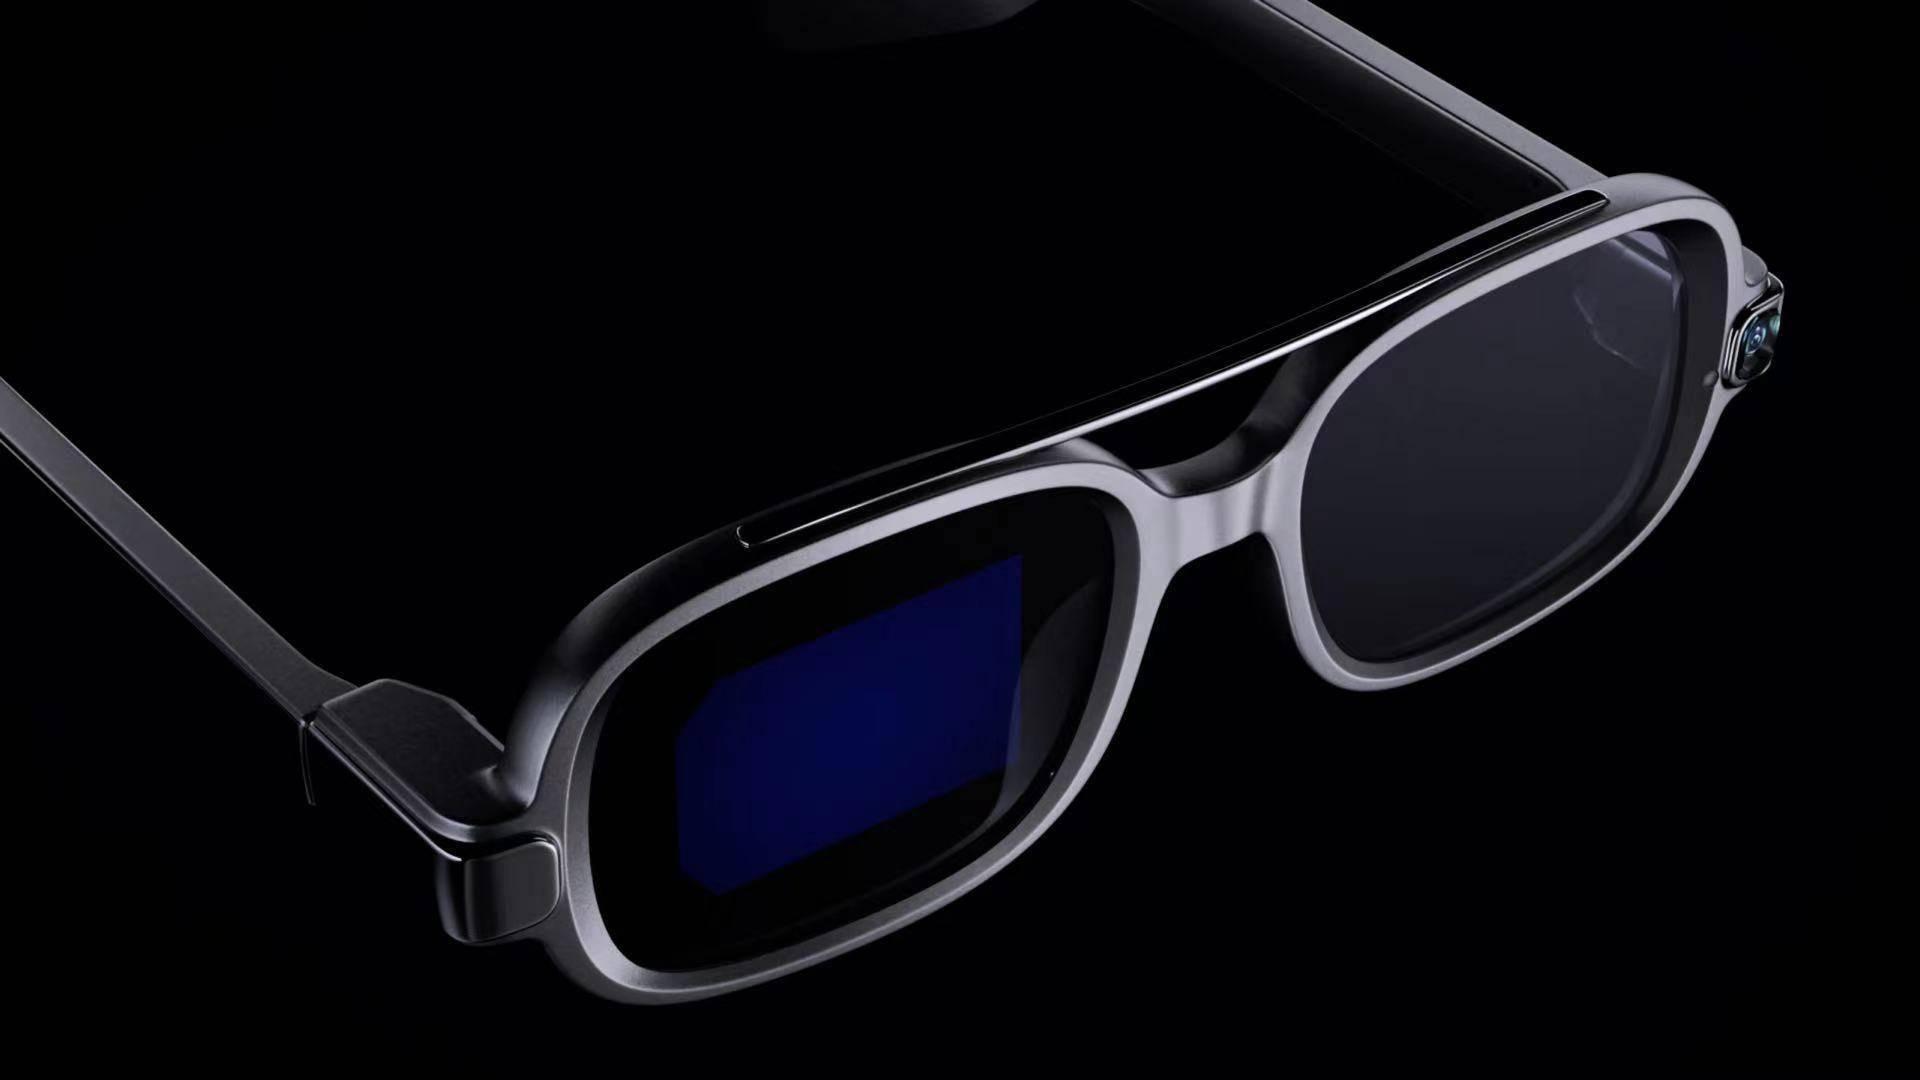 小米智能眼镜探索版亮相 集成497个元器件仅重51g